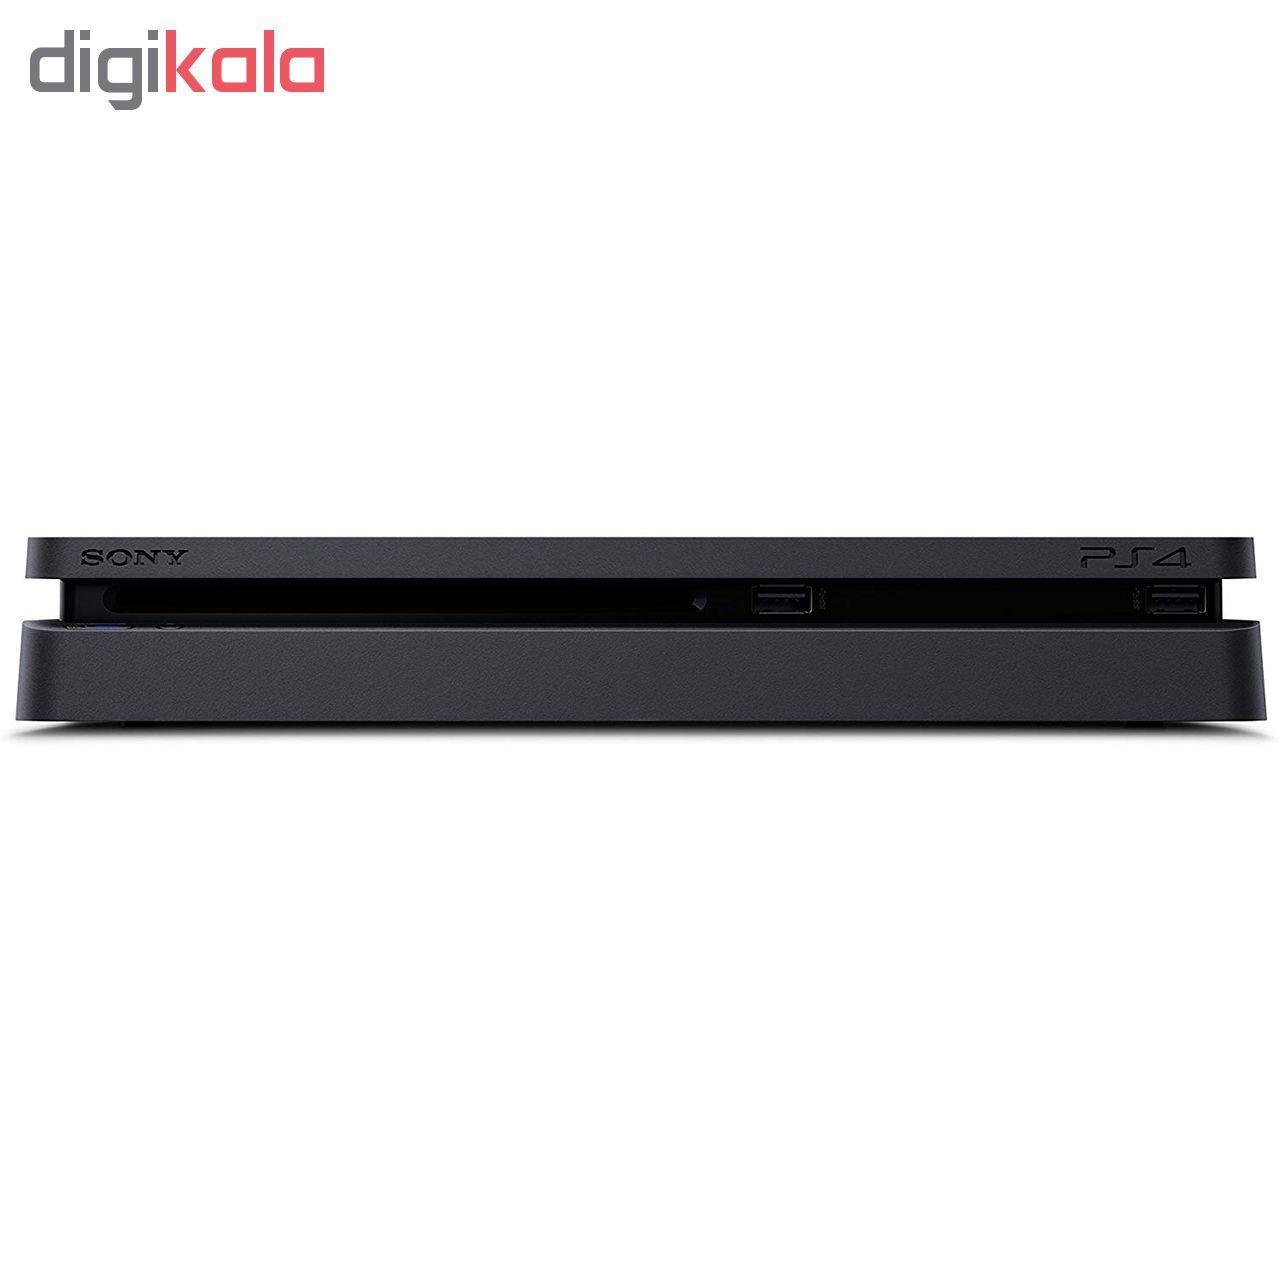 کنسول بازی سونی مدل Playstation 4 Slim کد Region 2 CUH-2216A - ظرفیت 500 گیگابایت main 1 4